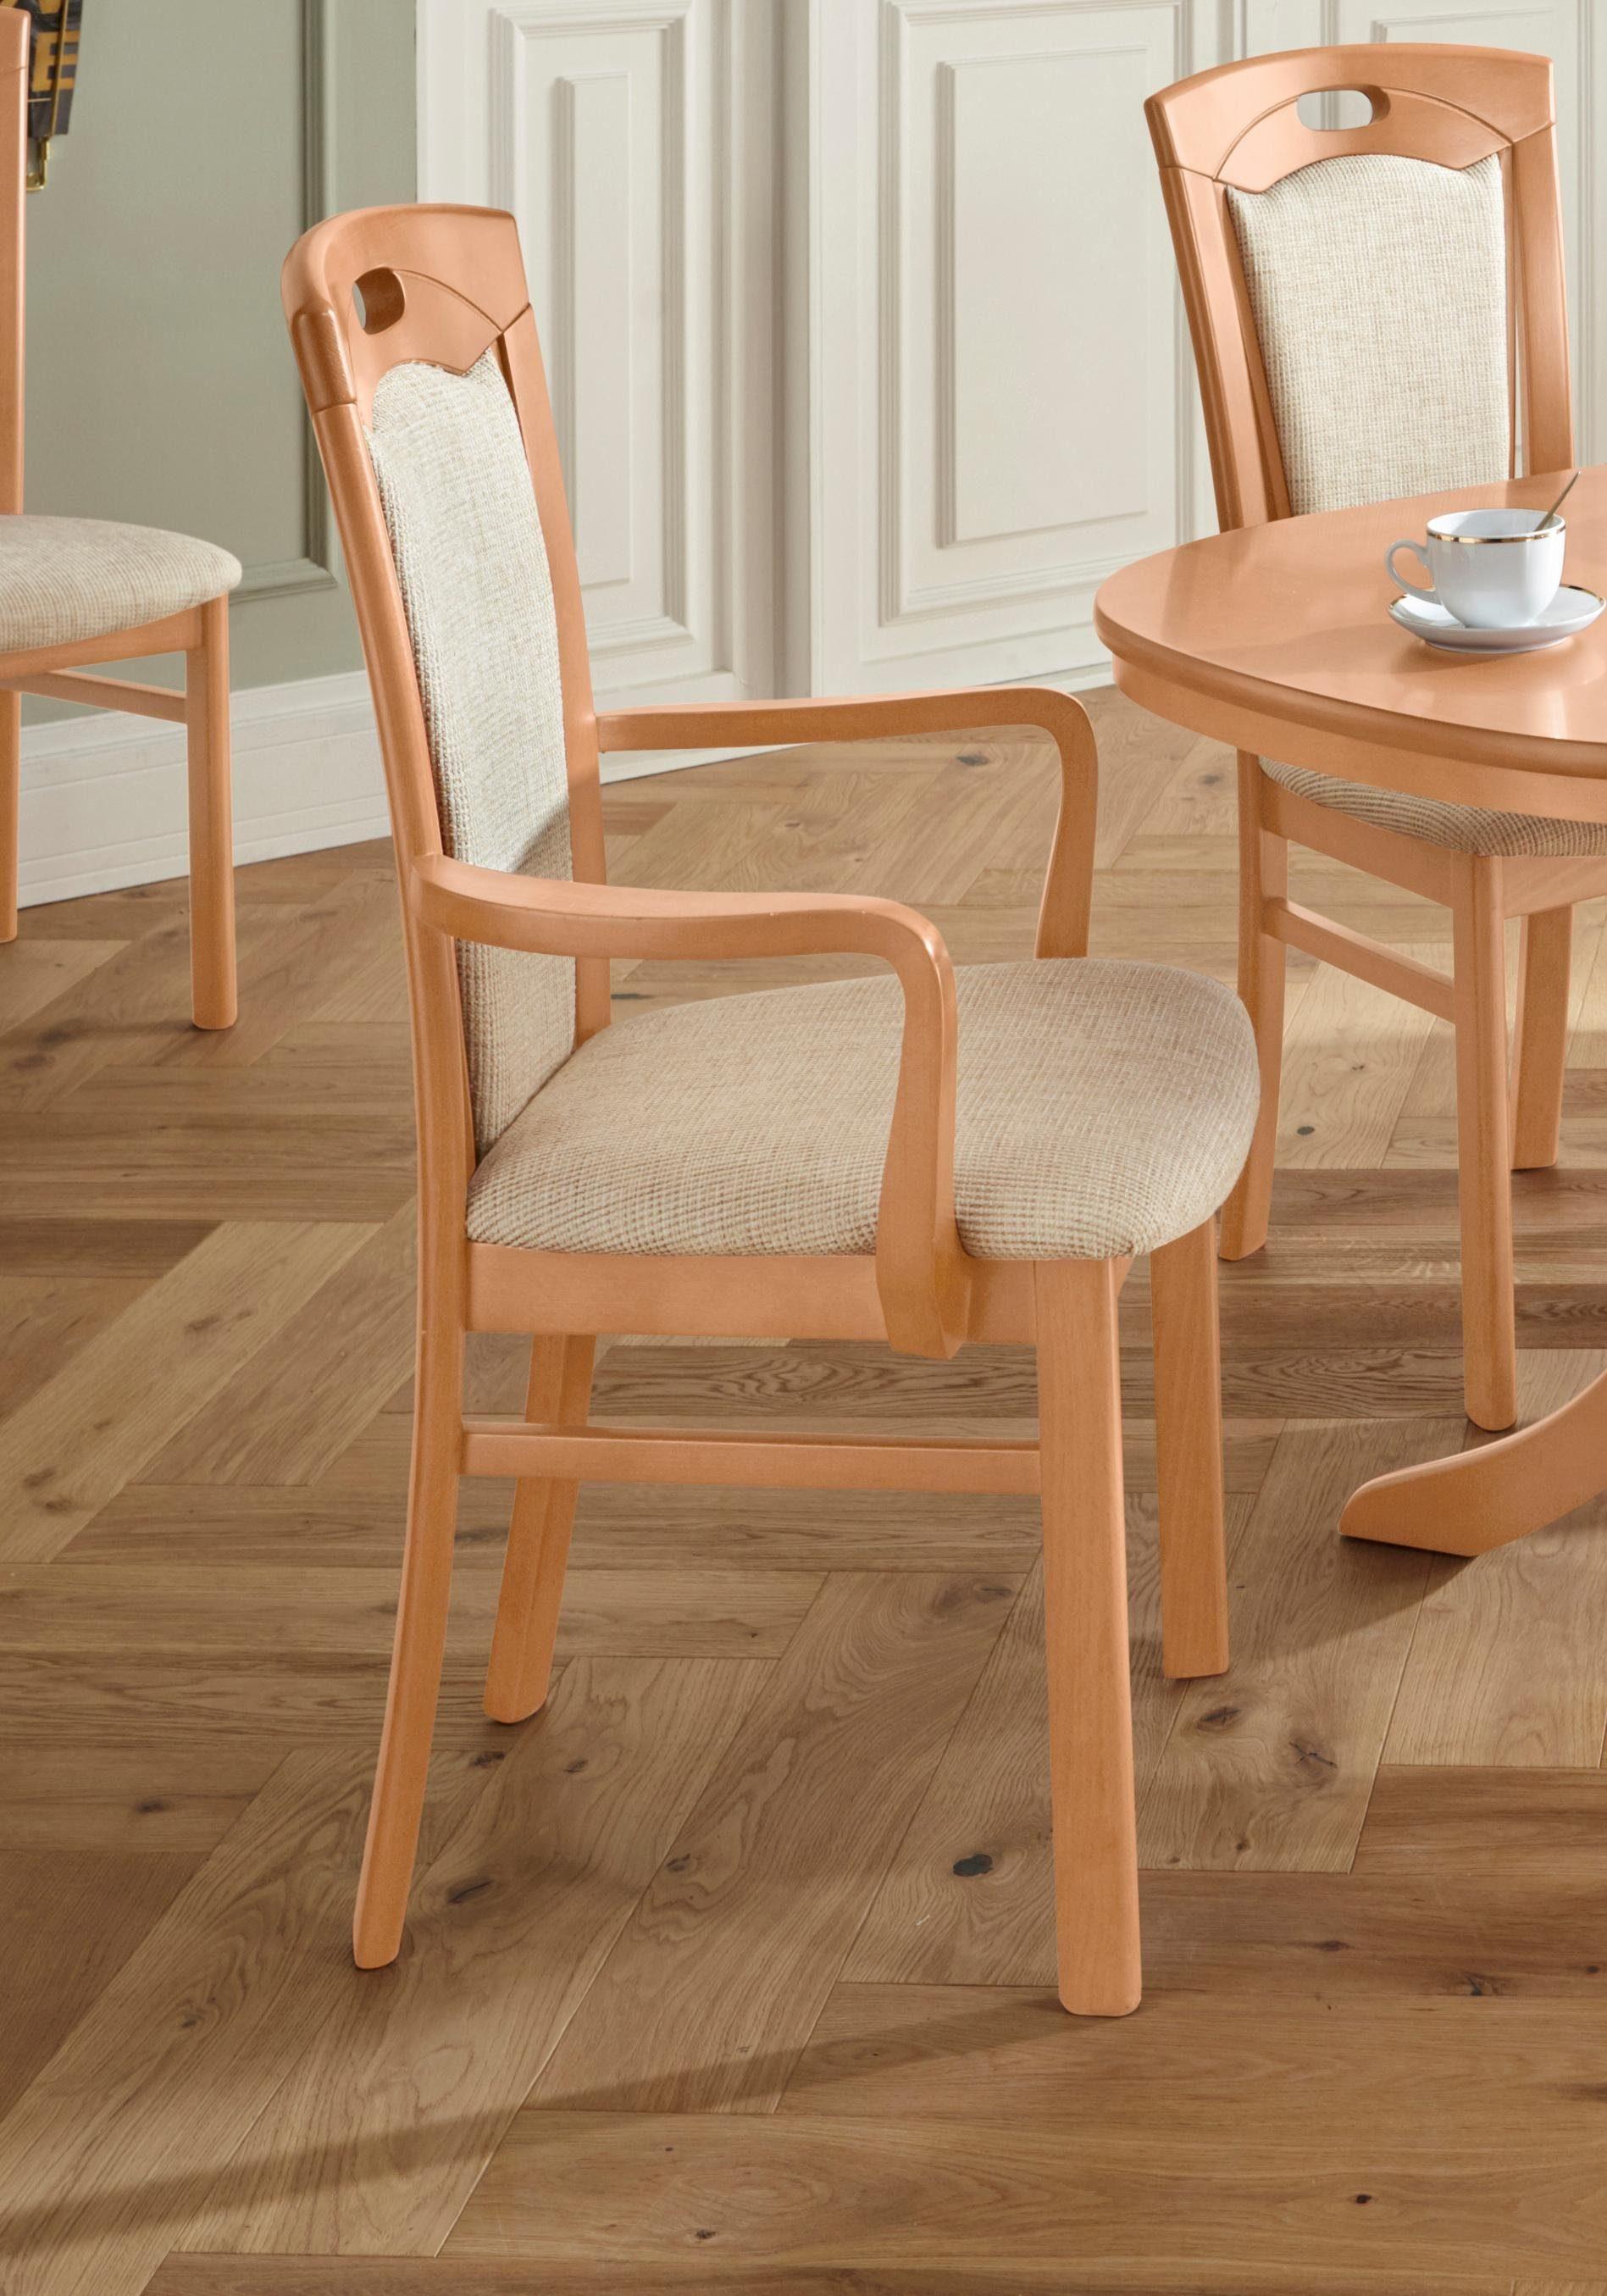 DELAVITA Stuhl »FERDI« 1 Stück, Delavita Die Marke für klassisch komfortables Wohnen online kaufen | OTTO